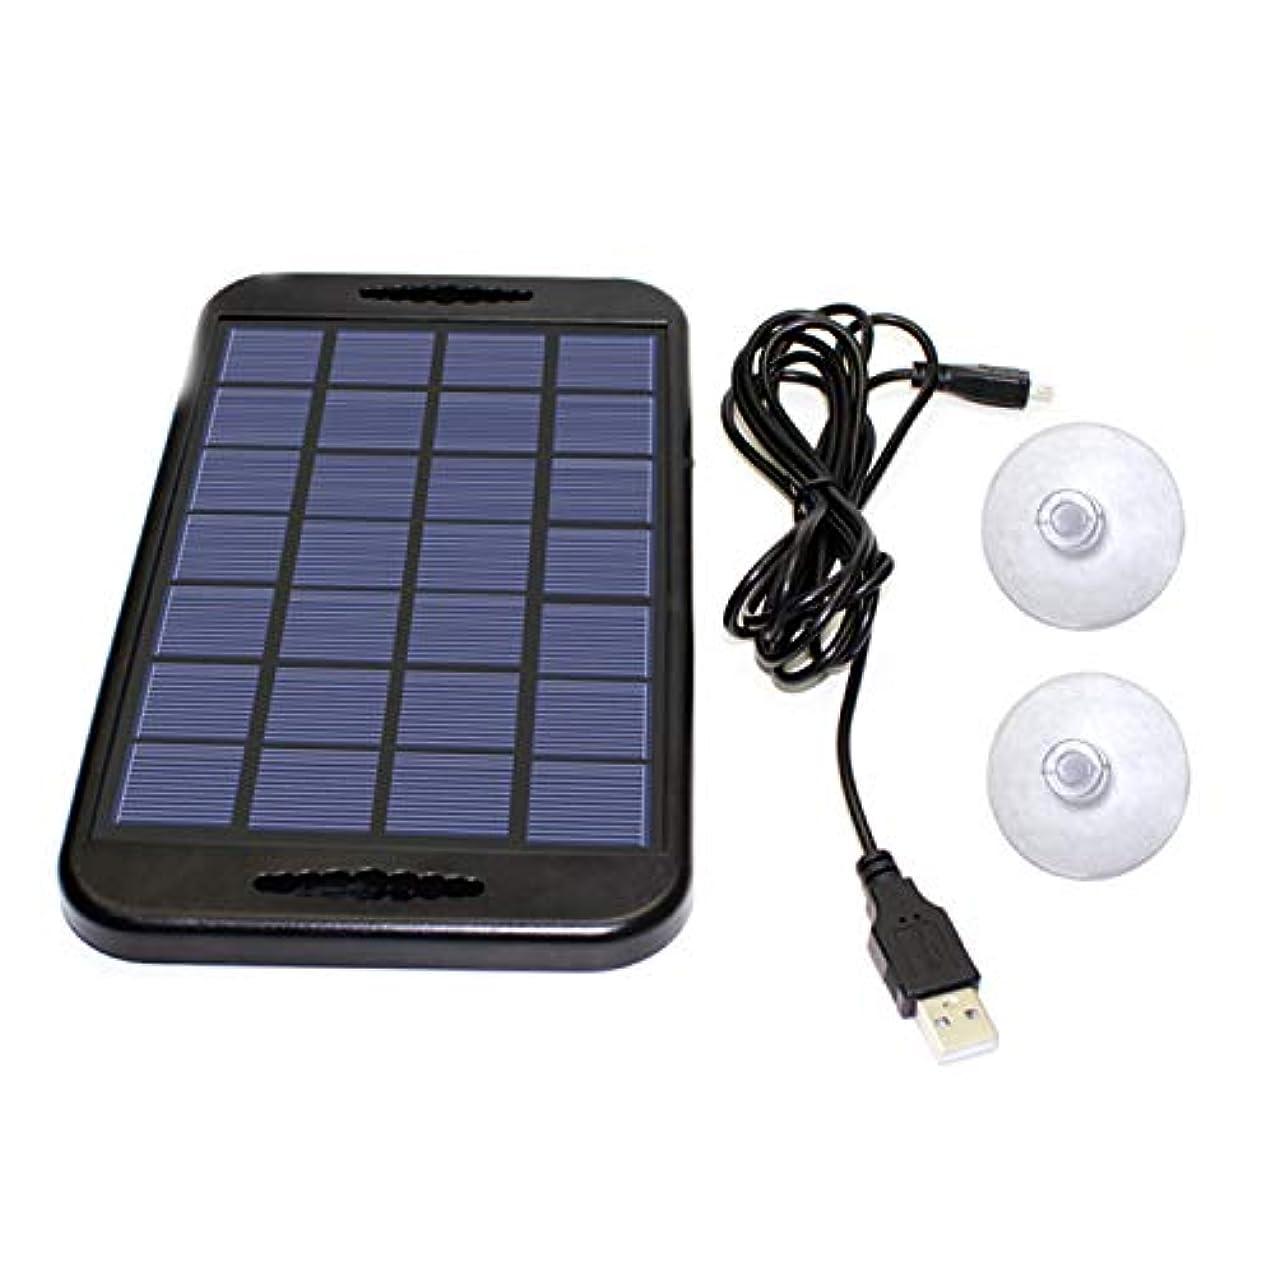 メイエラ寸法金銭的な太陽充満宝物、余りにエネルギー板、電気充満板、屋外のキャンプ旅行の移動式力を貯えることができます